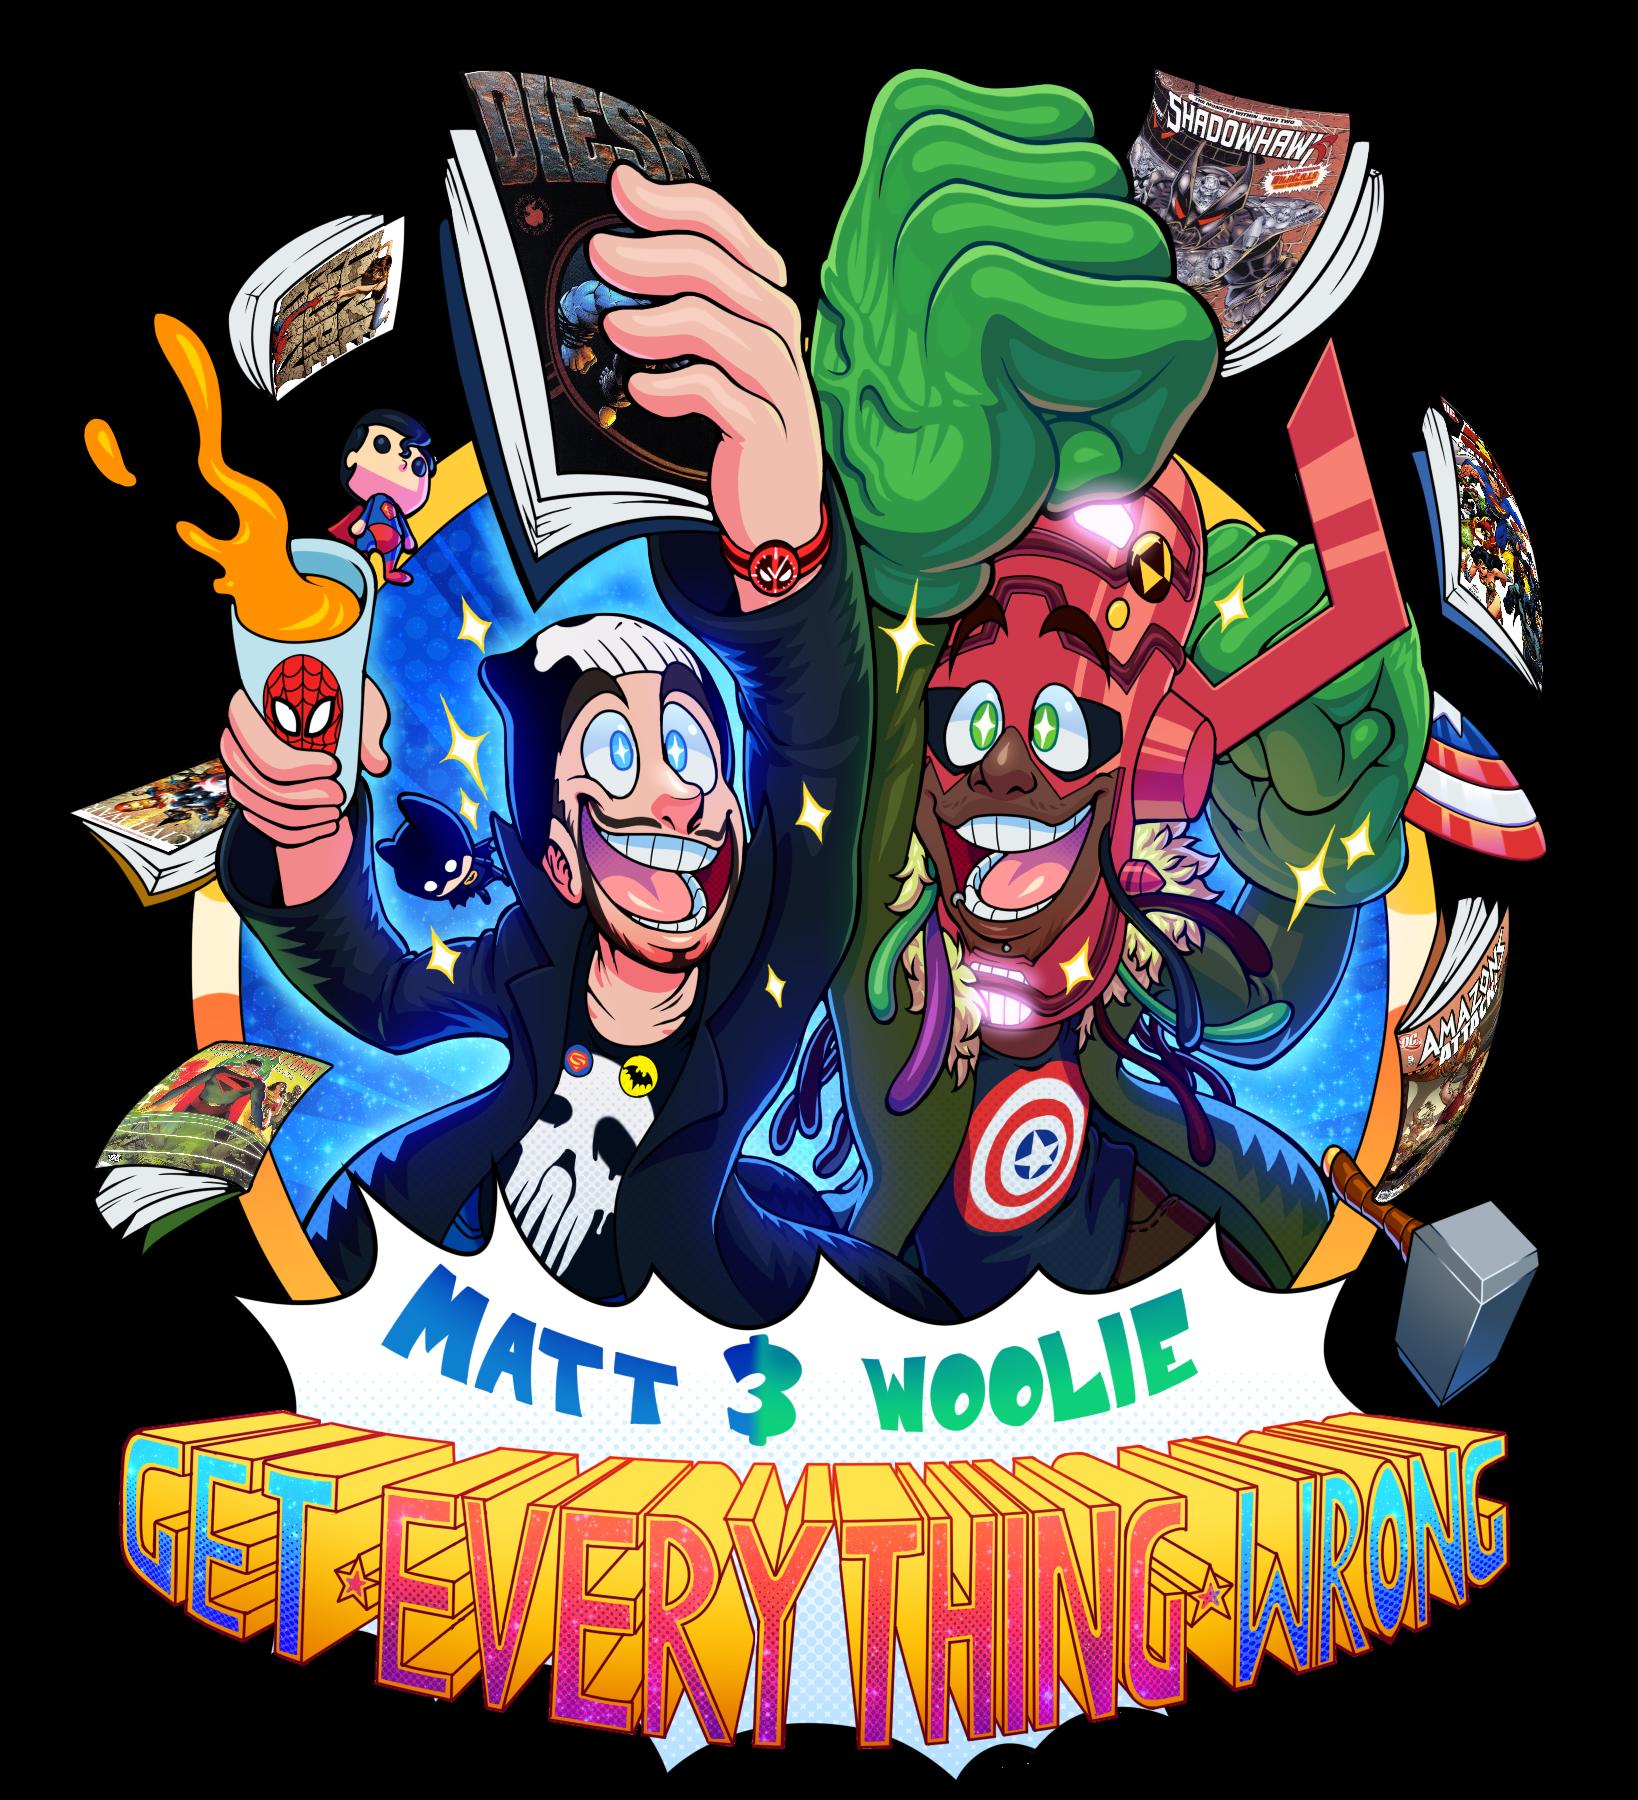 Matt & Woolie: Get Everything Wrong